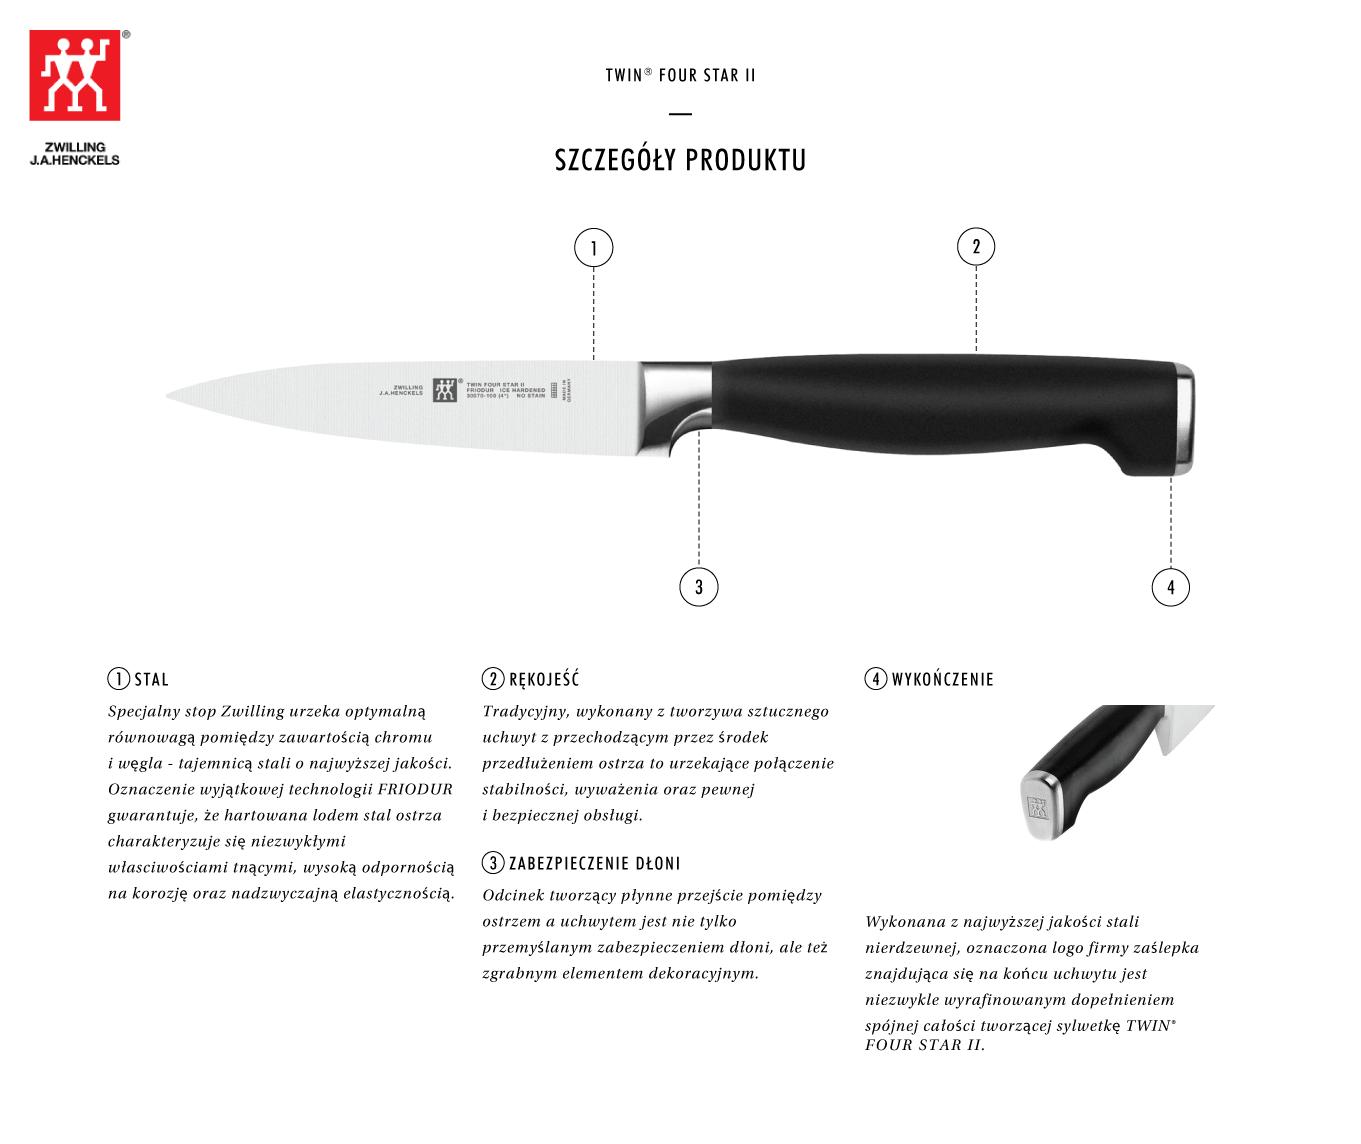 Dlaczego warto kupić nóż do obierania warzyw Twin® Four Star II?